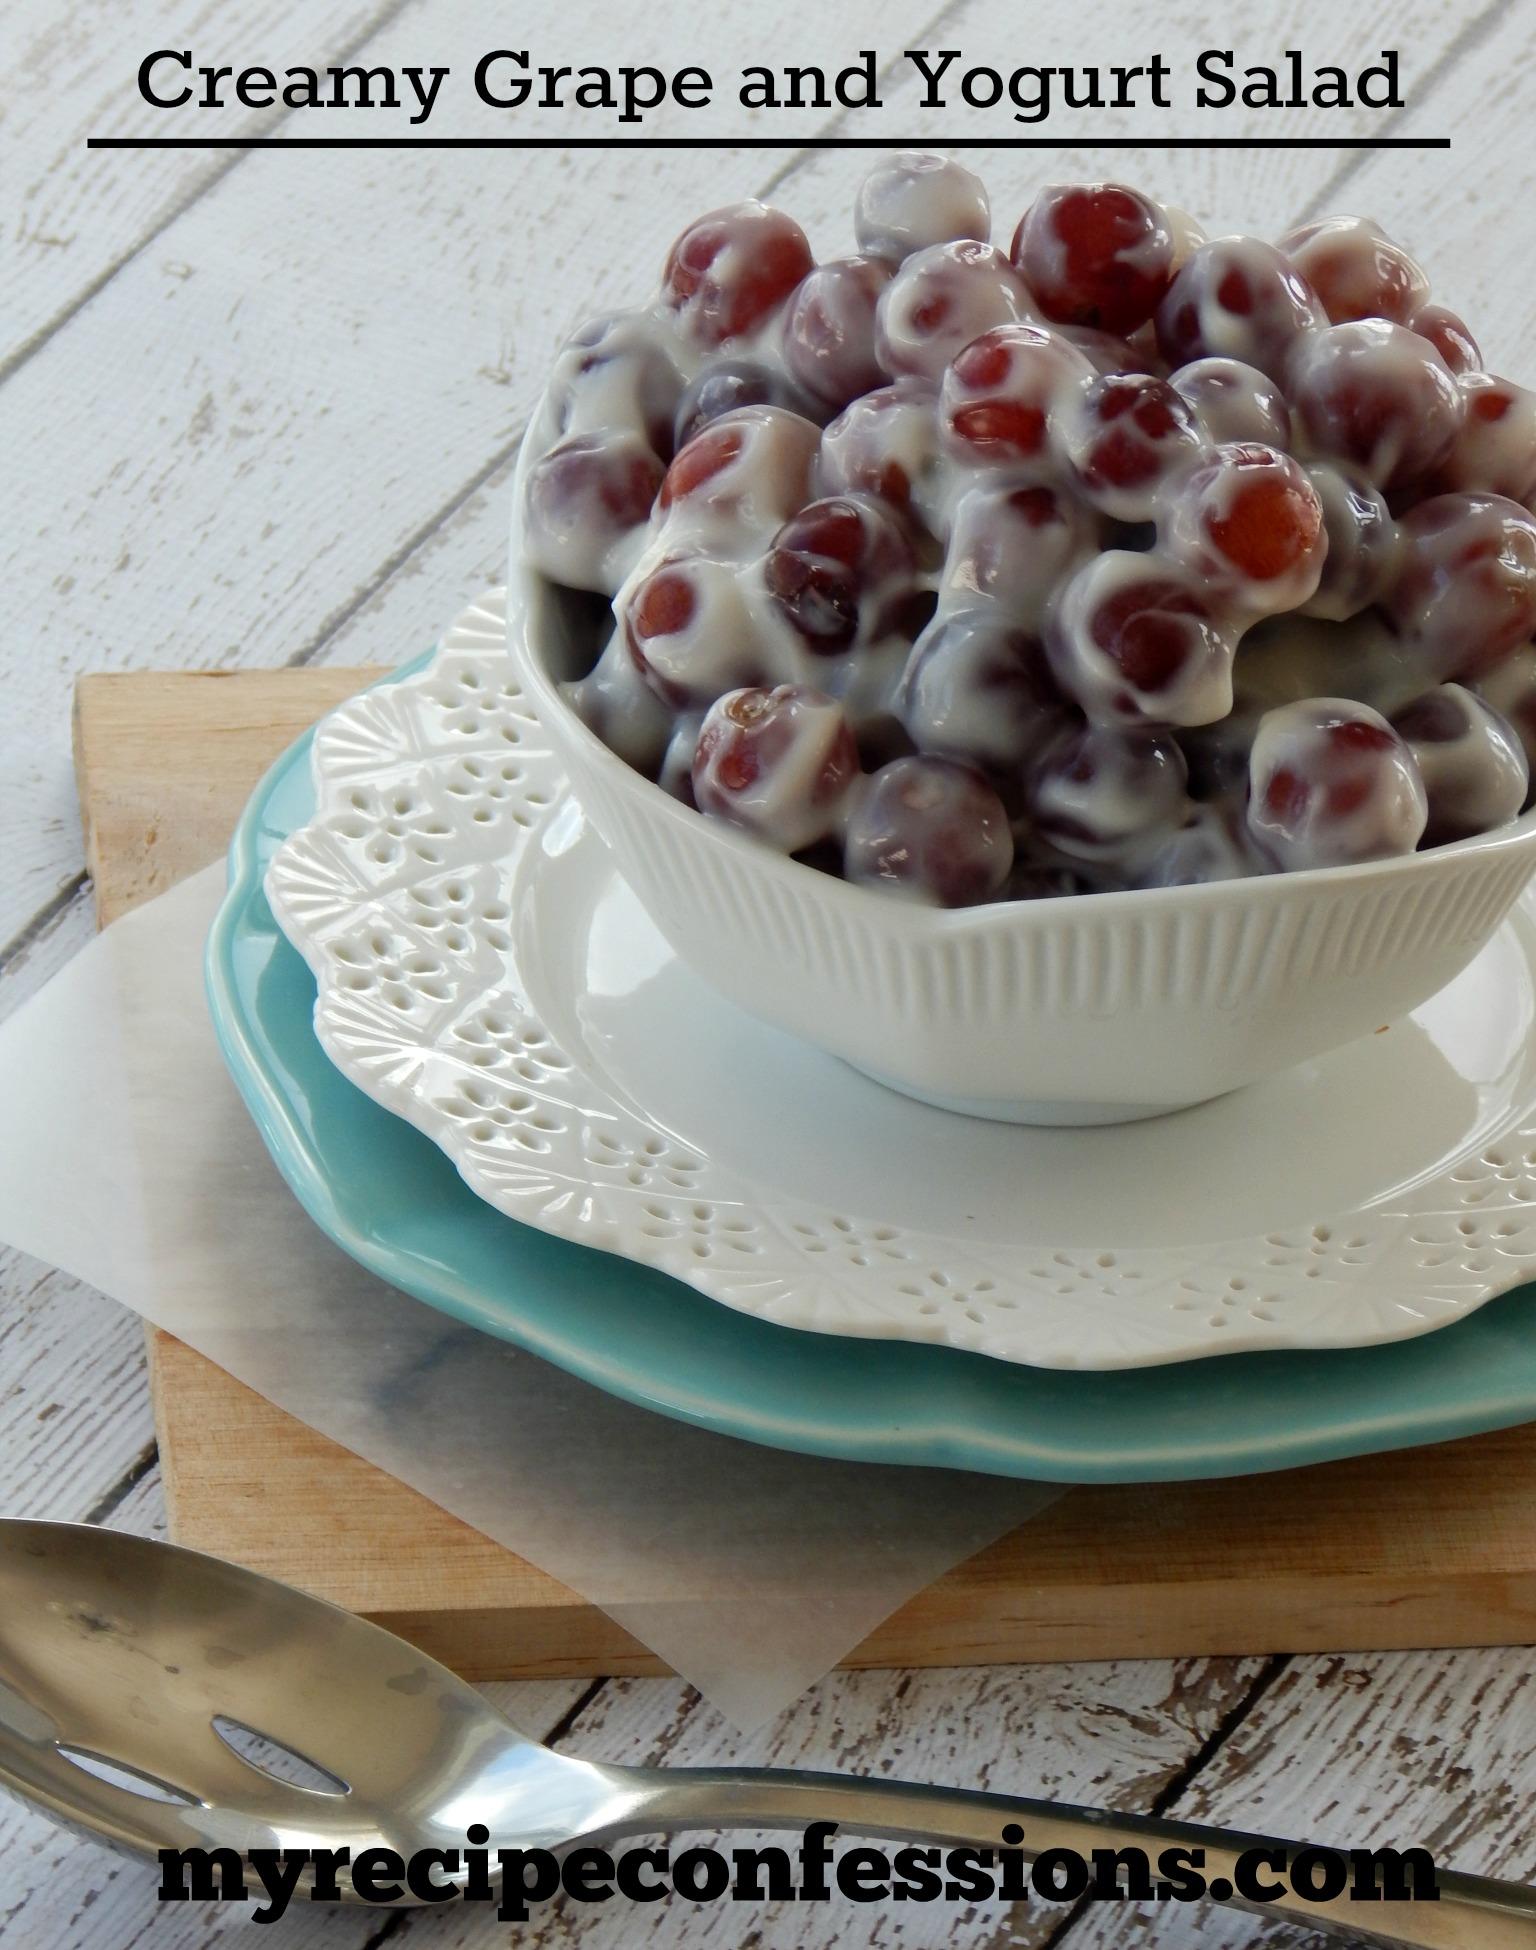 Creamy Grape and Yogurt Salad